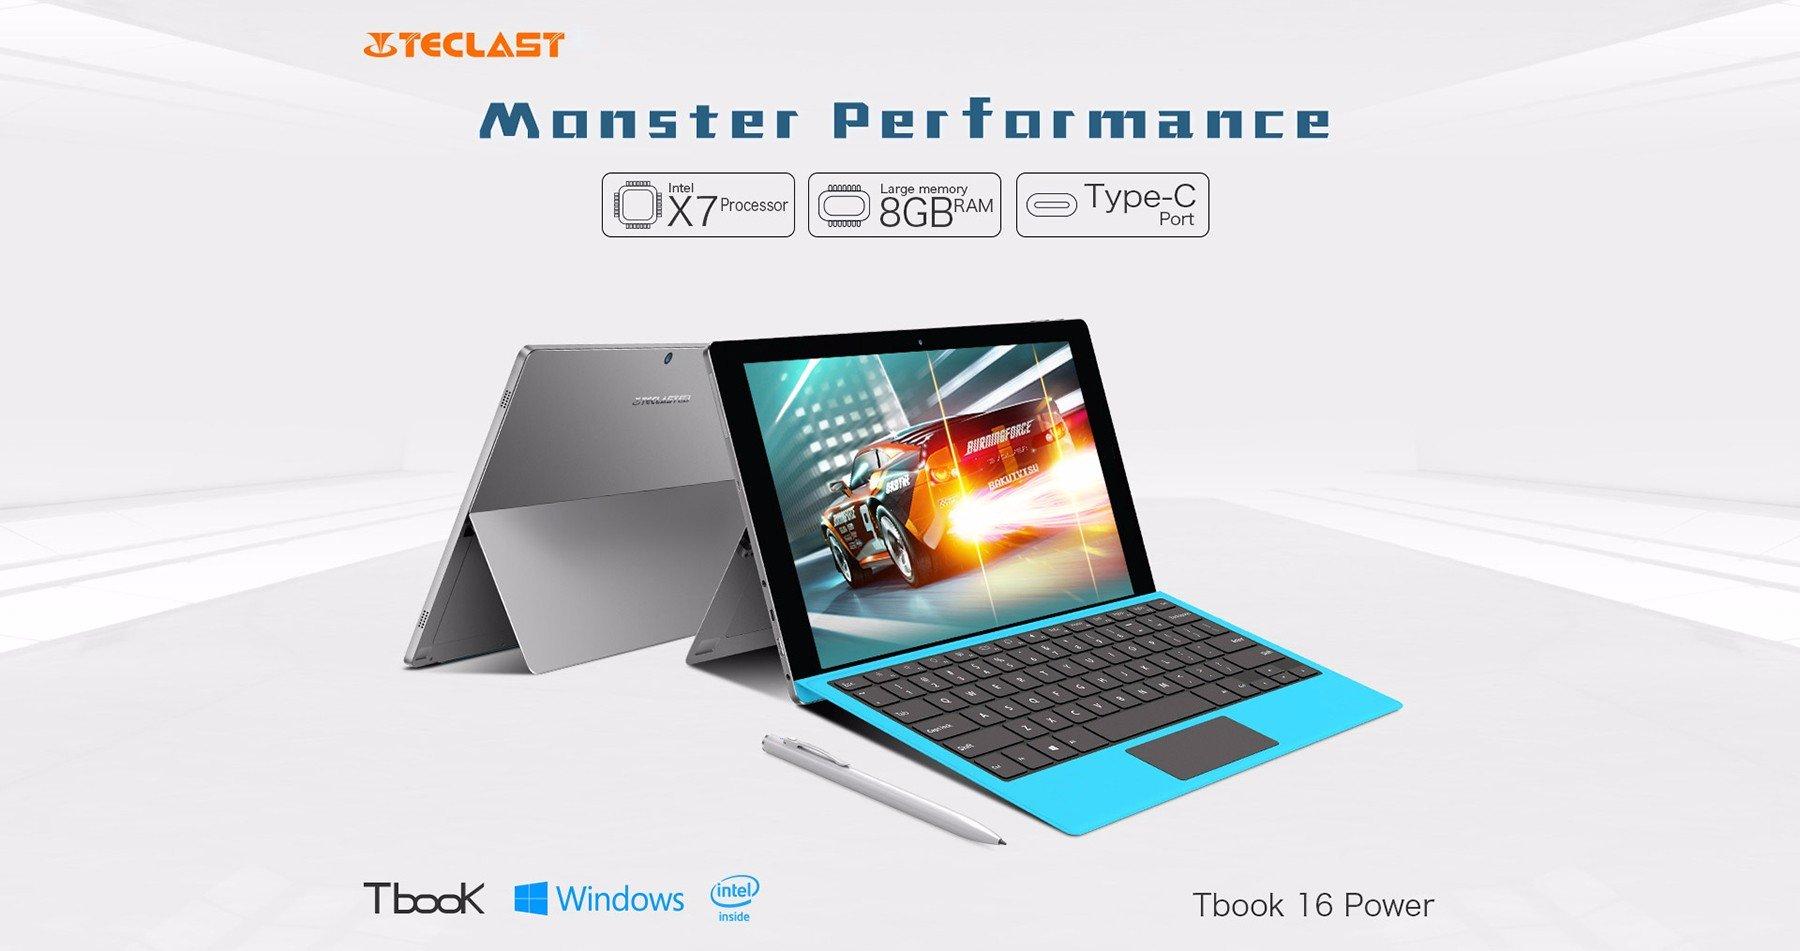 Το Teclast Tbook 16 Power Tablet PC στη μισή τιμή για ελάχιστες μέρες από το Gearbest.com!